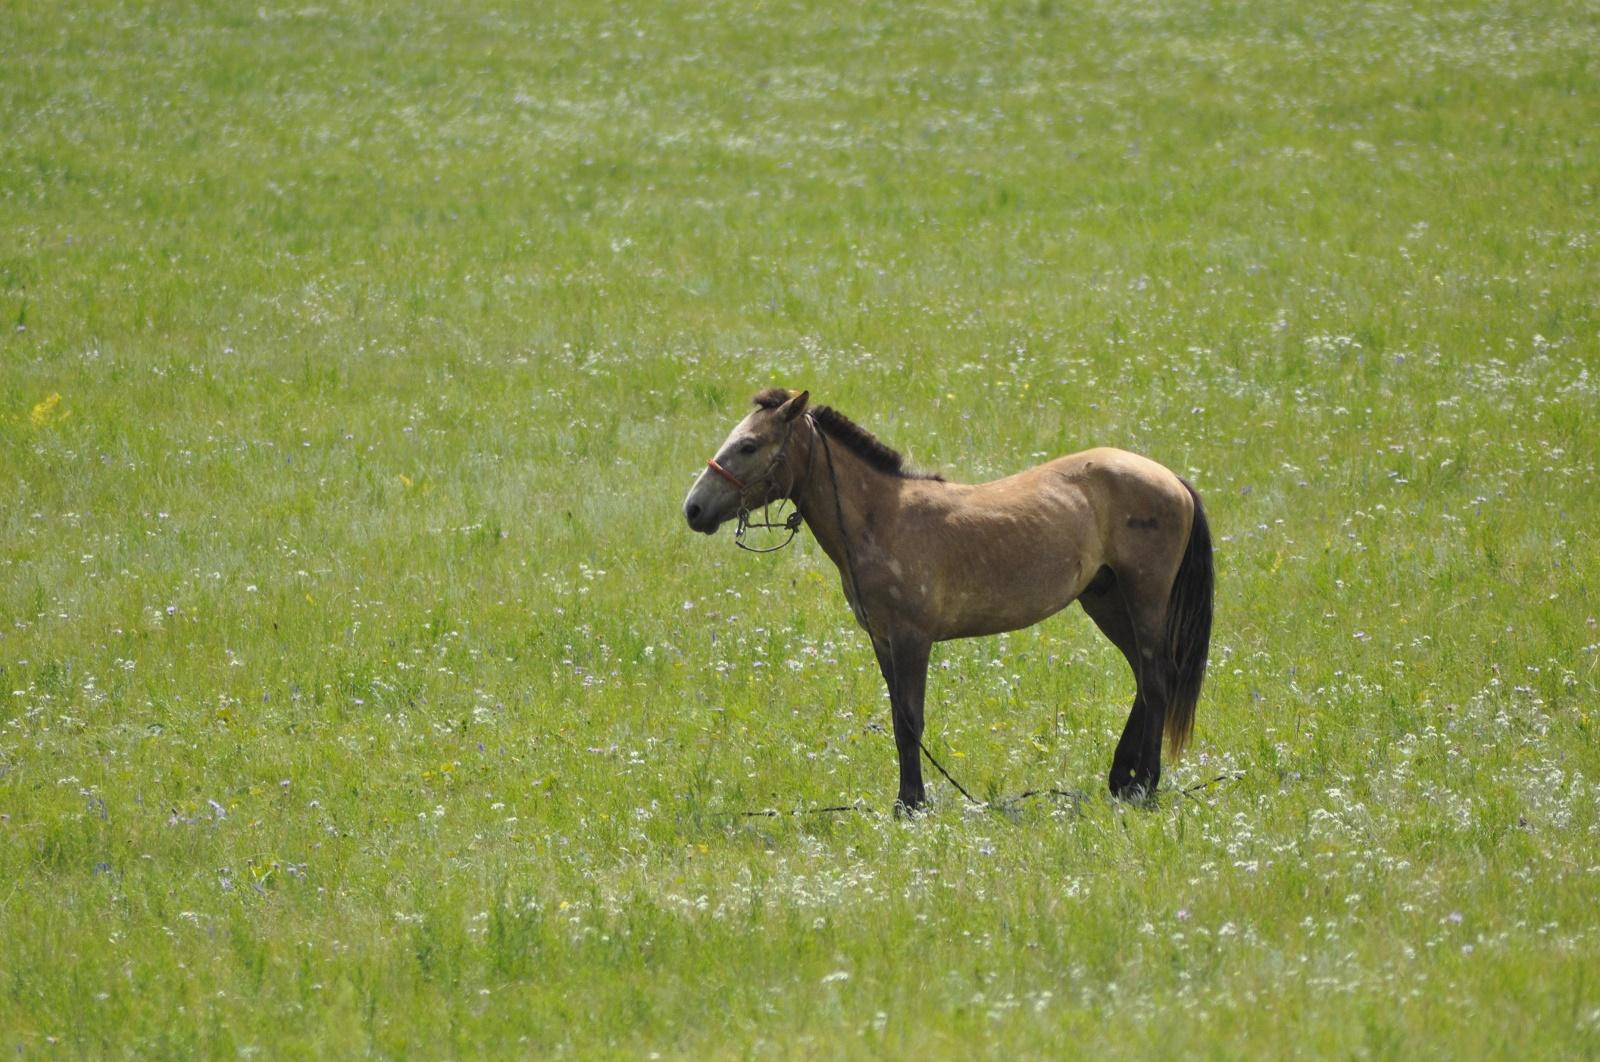 注意力と集中力はどう違うのか ―野生の馬と競馬の馬